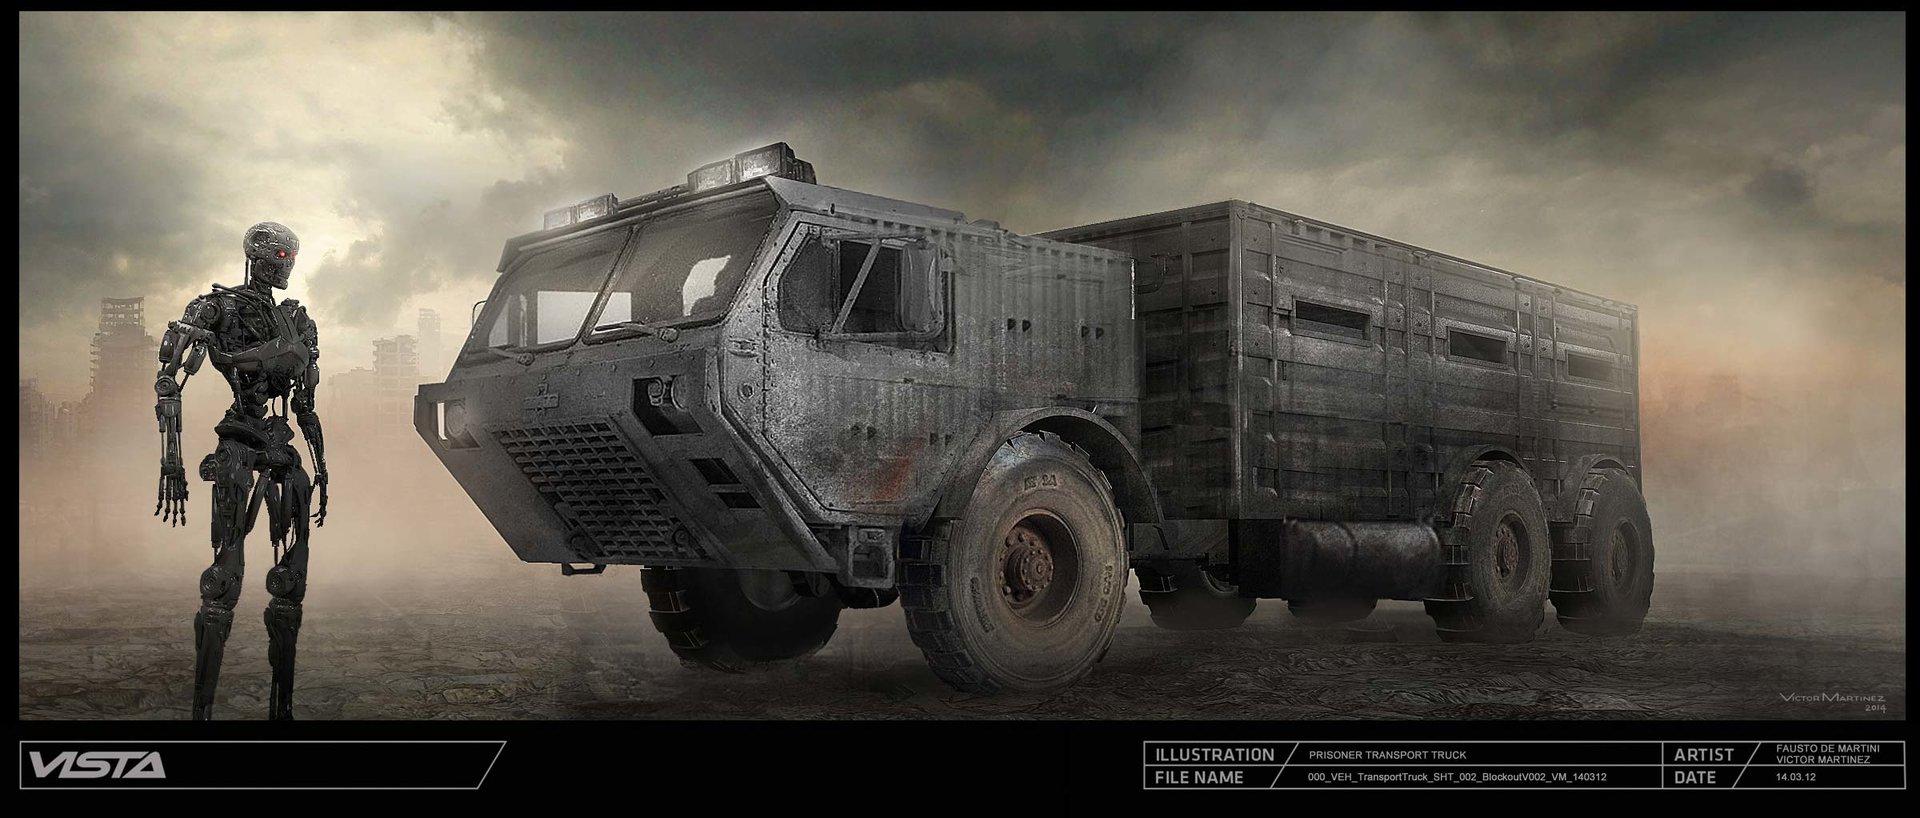 Victor martinez 000 veh transporttruck sht 002 blockoutv001 vm 140312